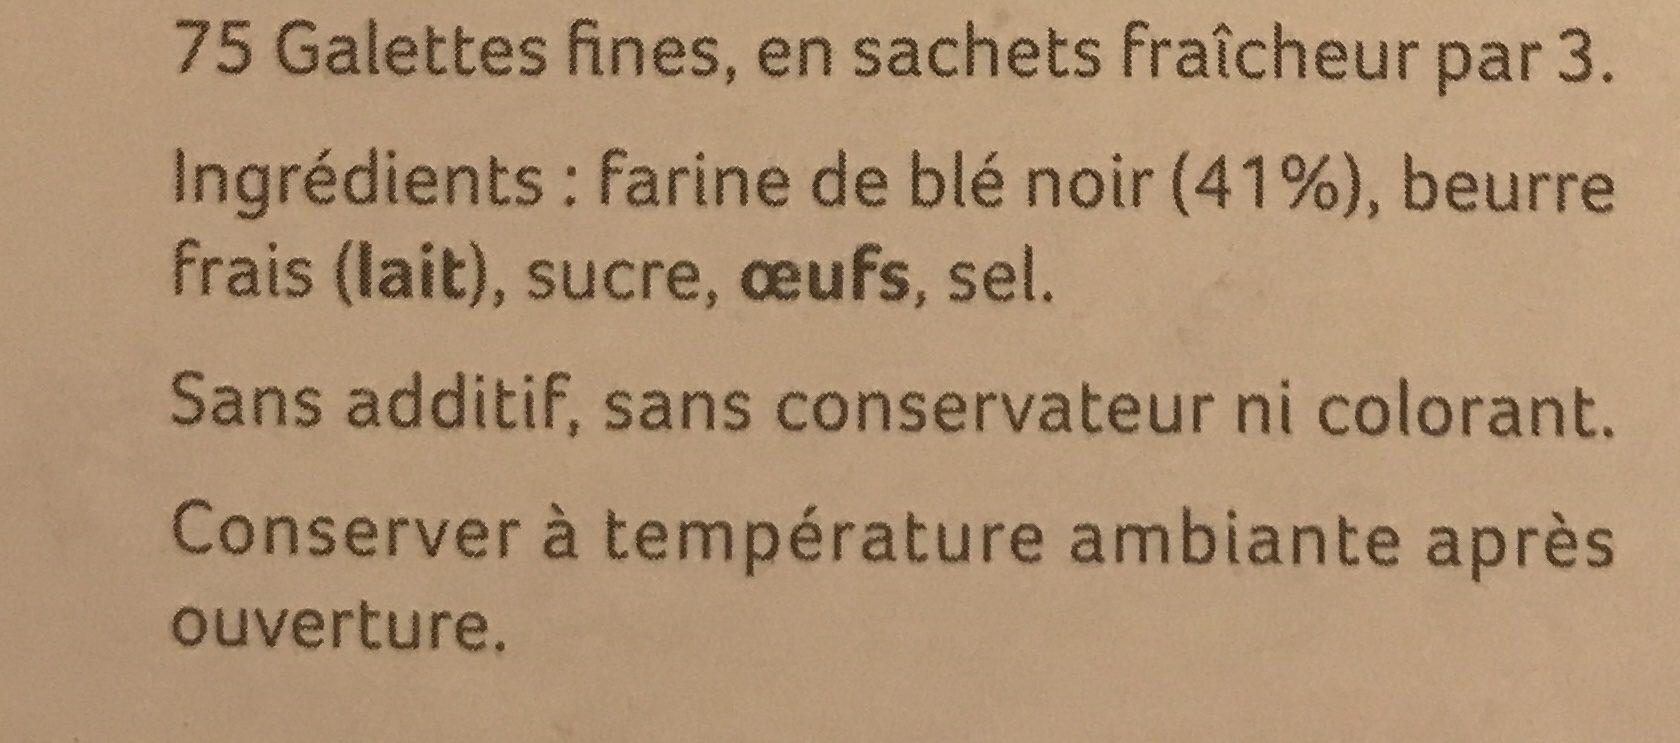 Galettes fines de Belle-Île-en-Mer au blé noir - Ingredients